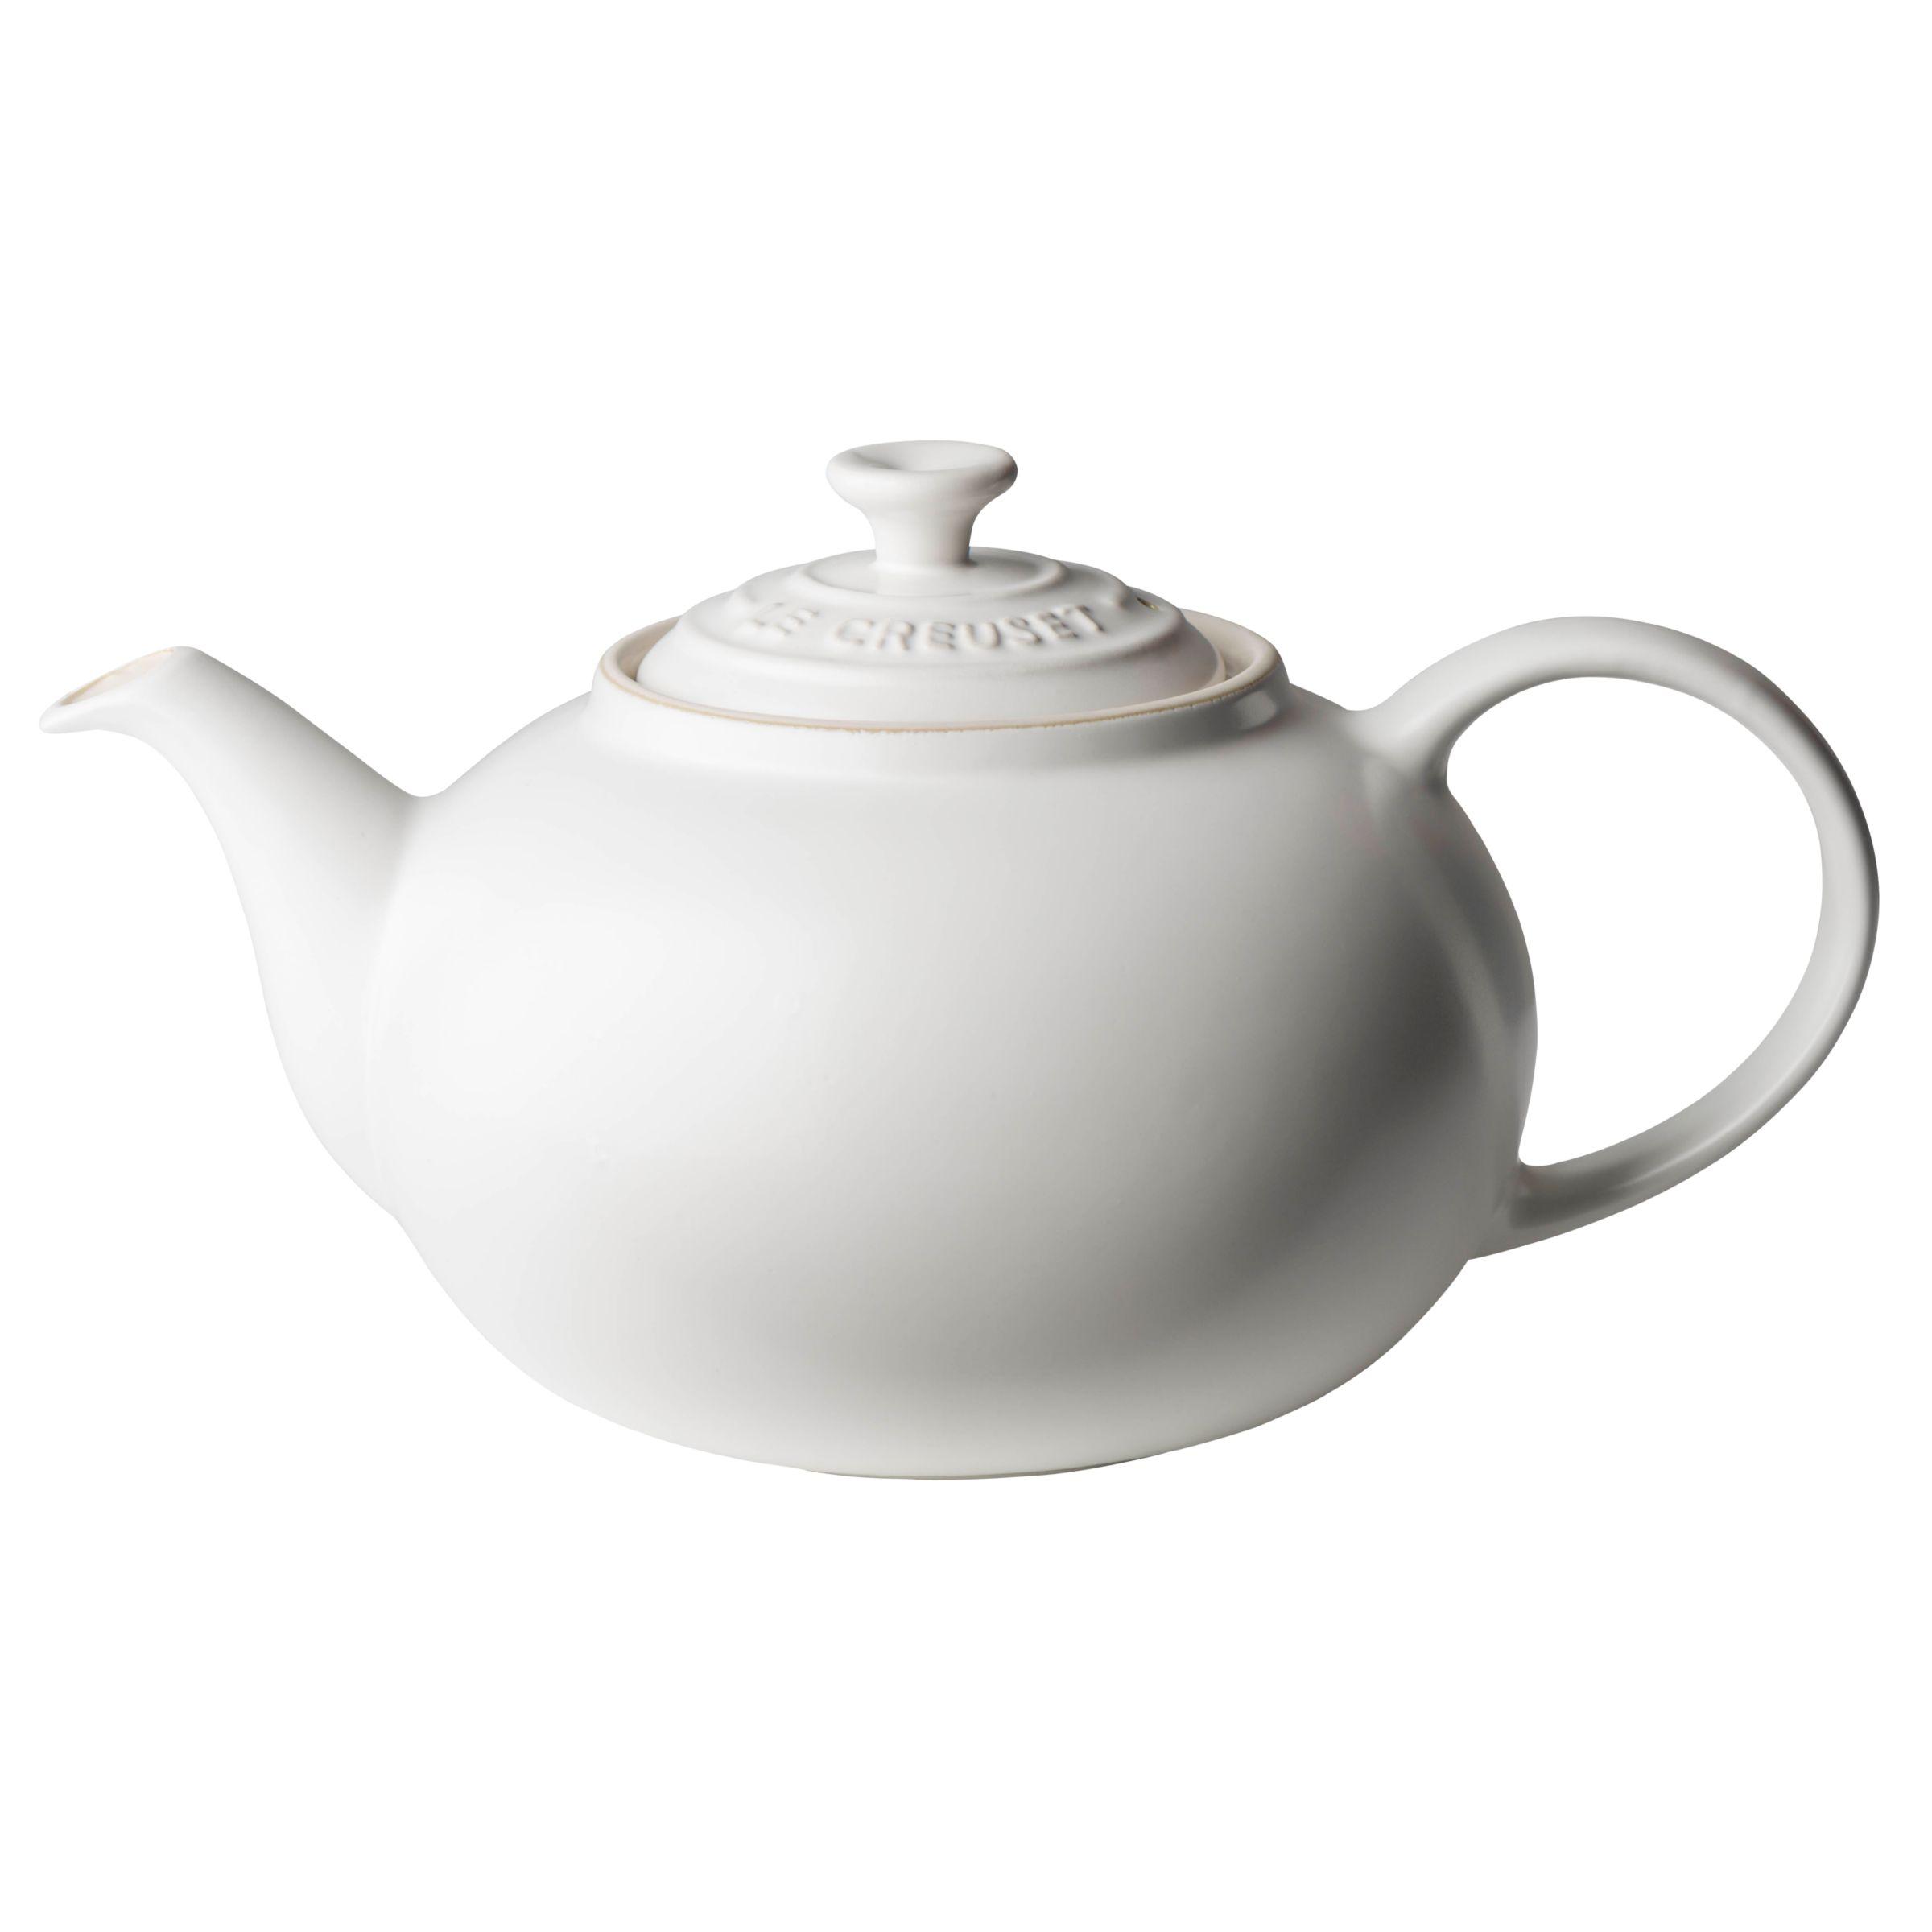 Le Creuset Le Creuset Stoneware Classic Teapot, 1.3L